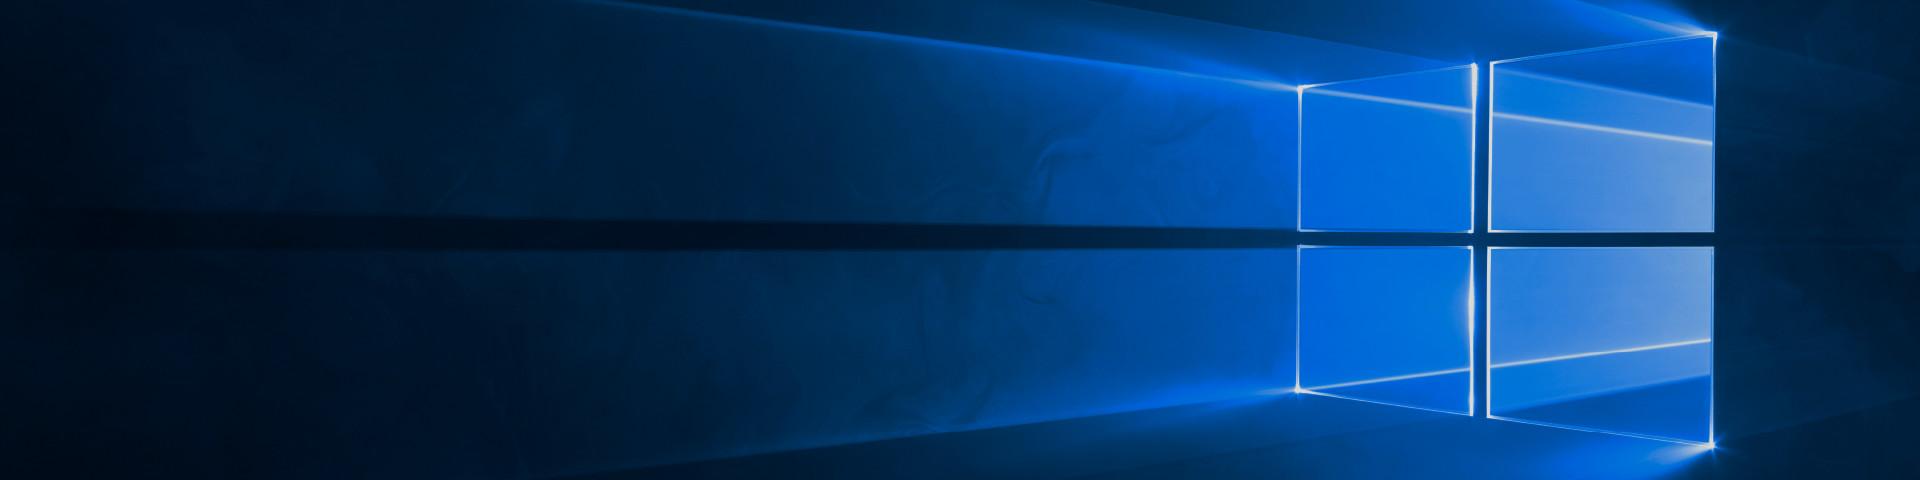 Solstrålar lyser genom ett fönster, köp och ladda ned Windows 10